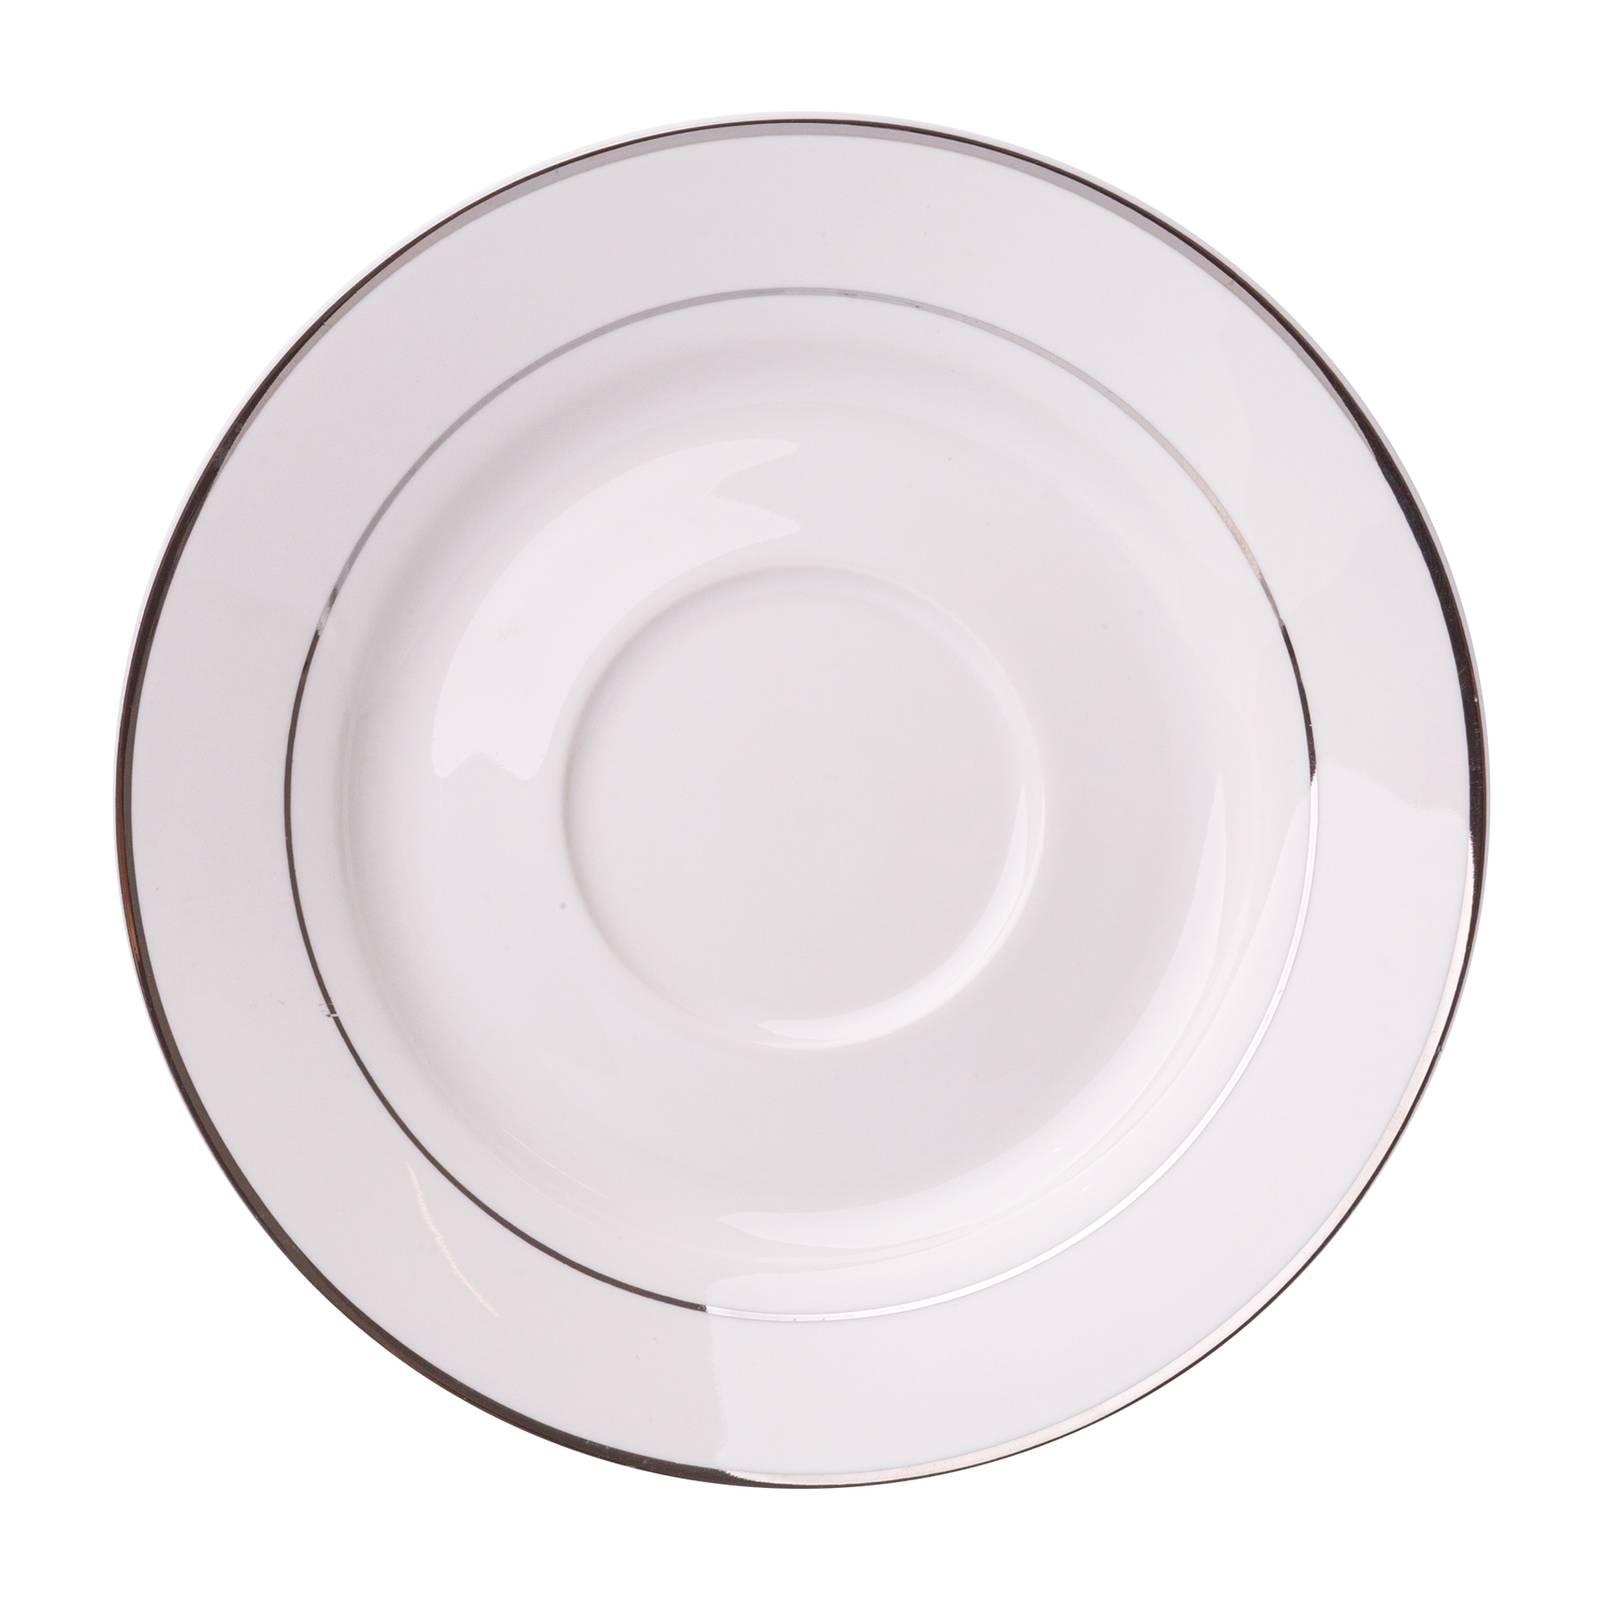 Untertasse Aura Silver 15,5 cm AMBITION